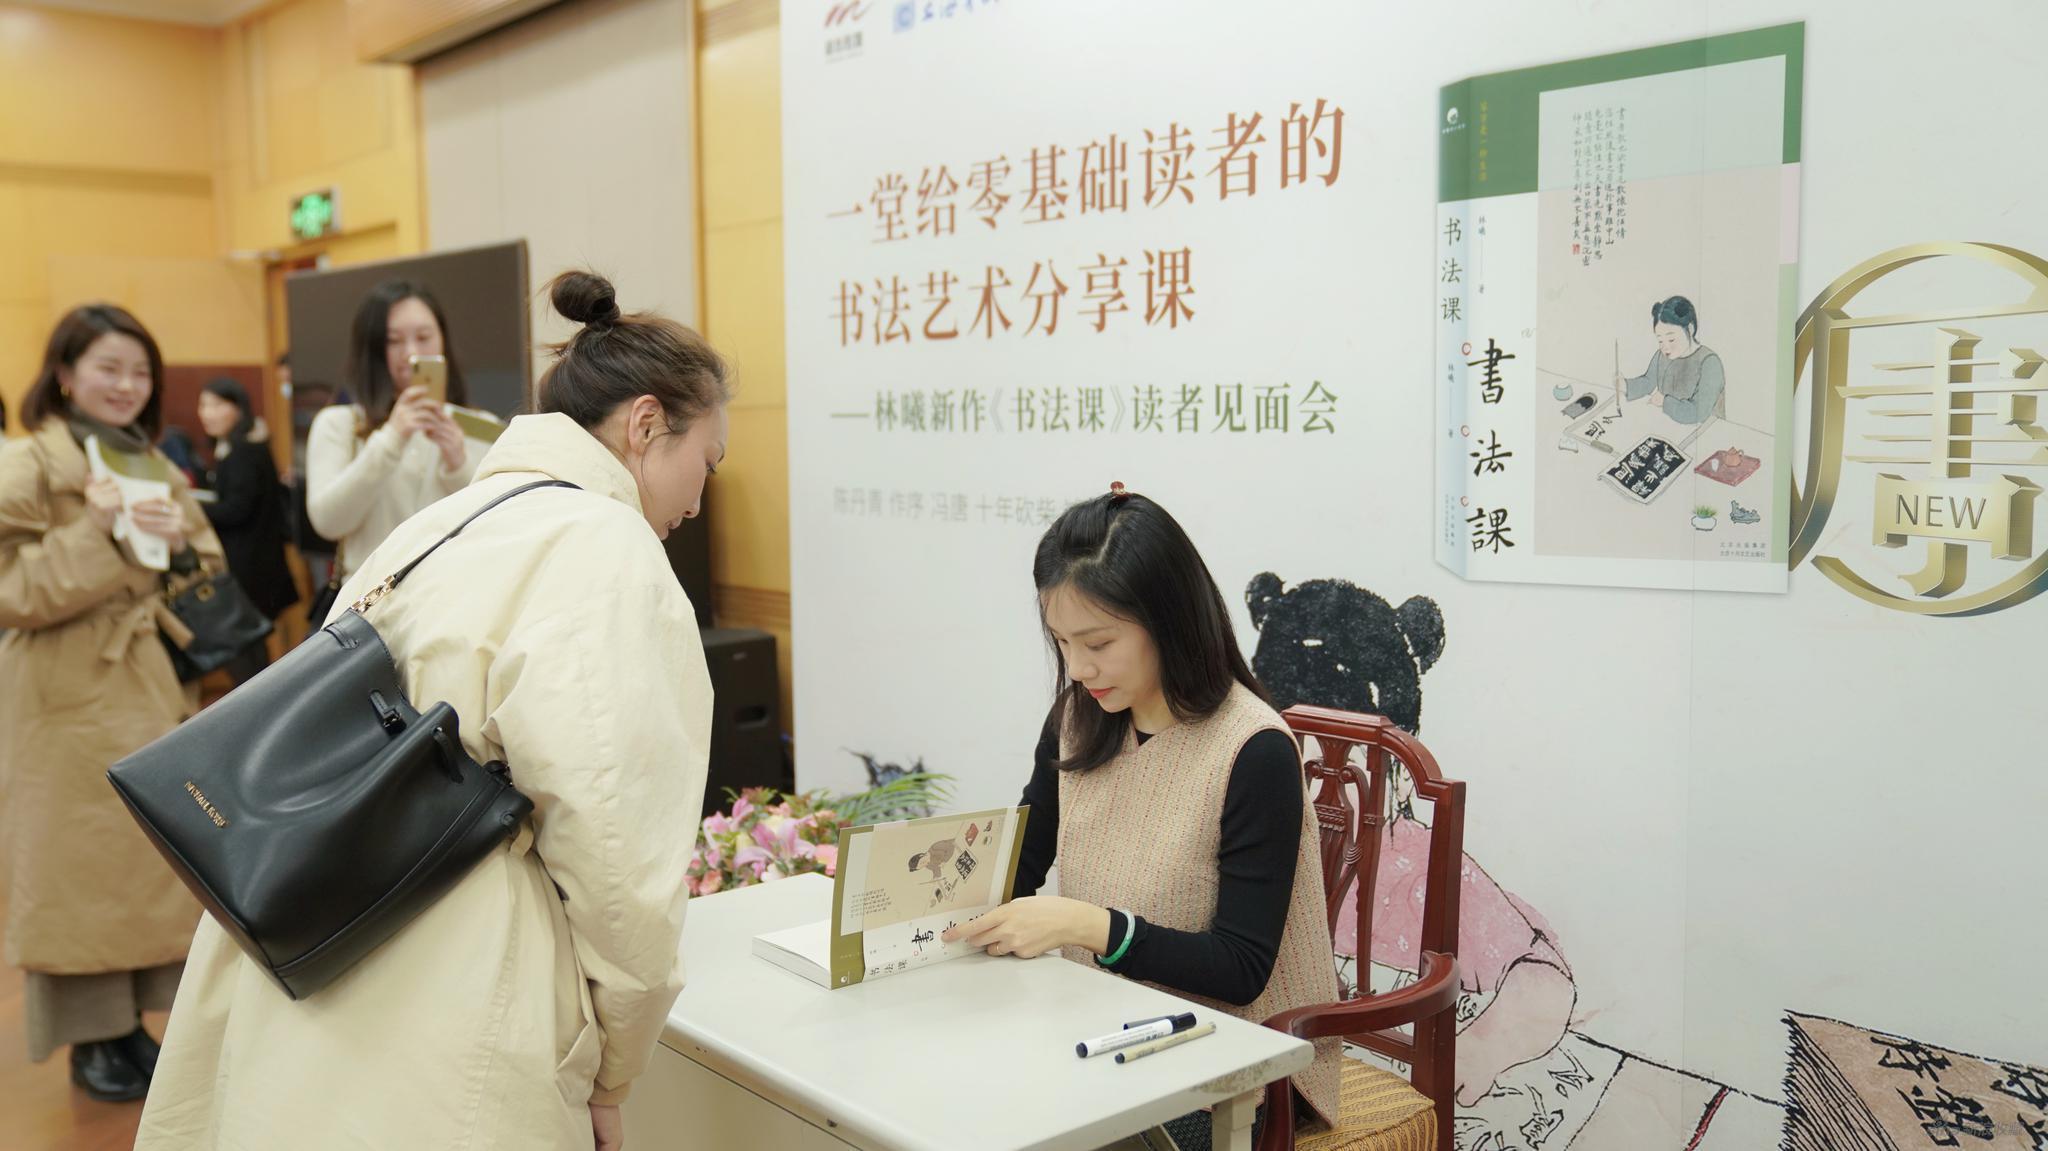 林曦《书法课》上海读者见面会签售现场